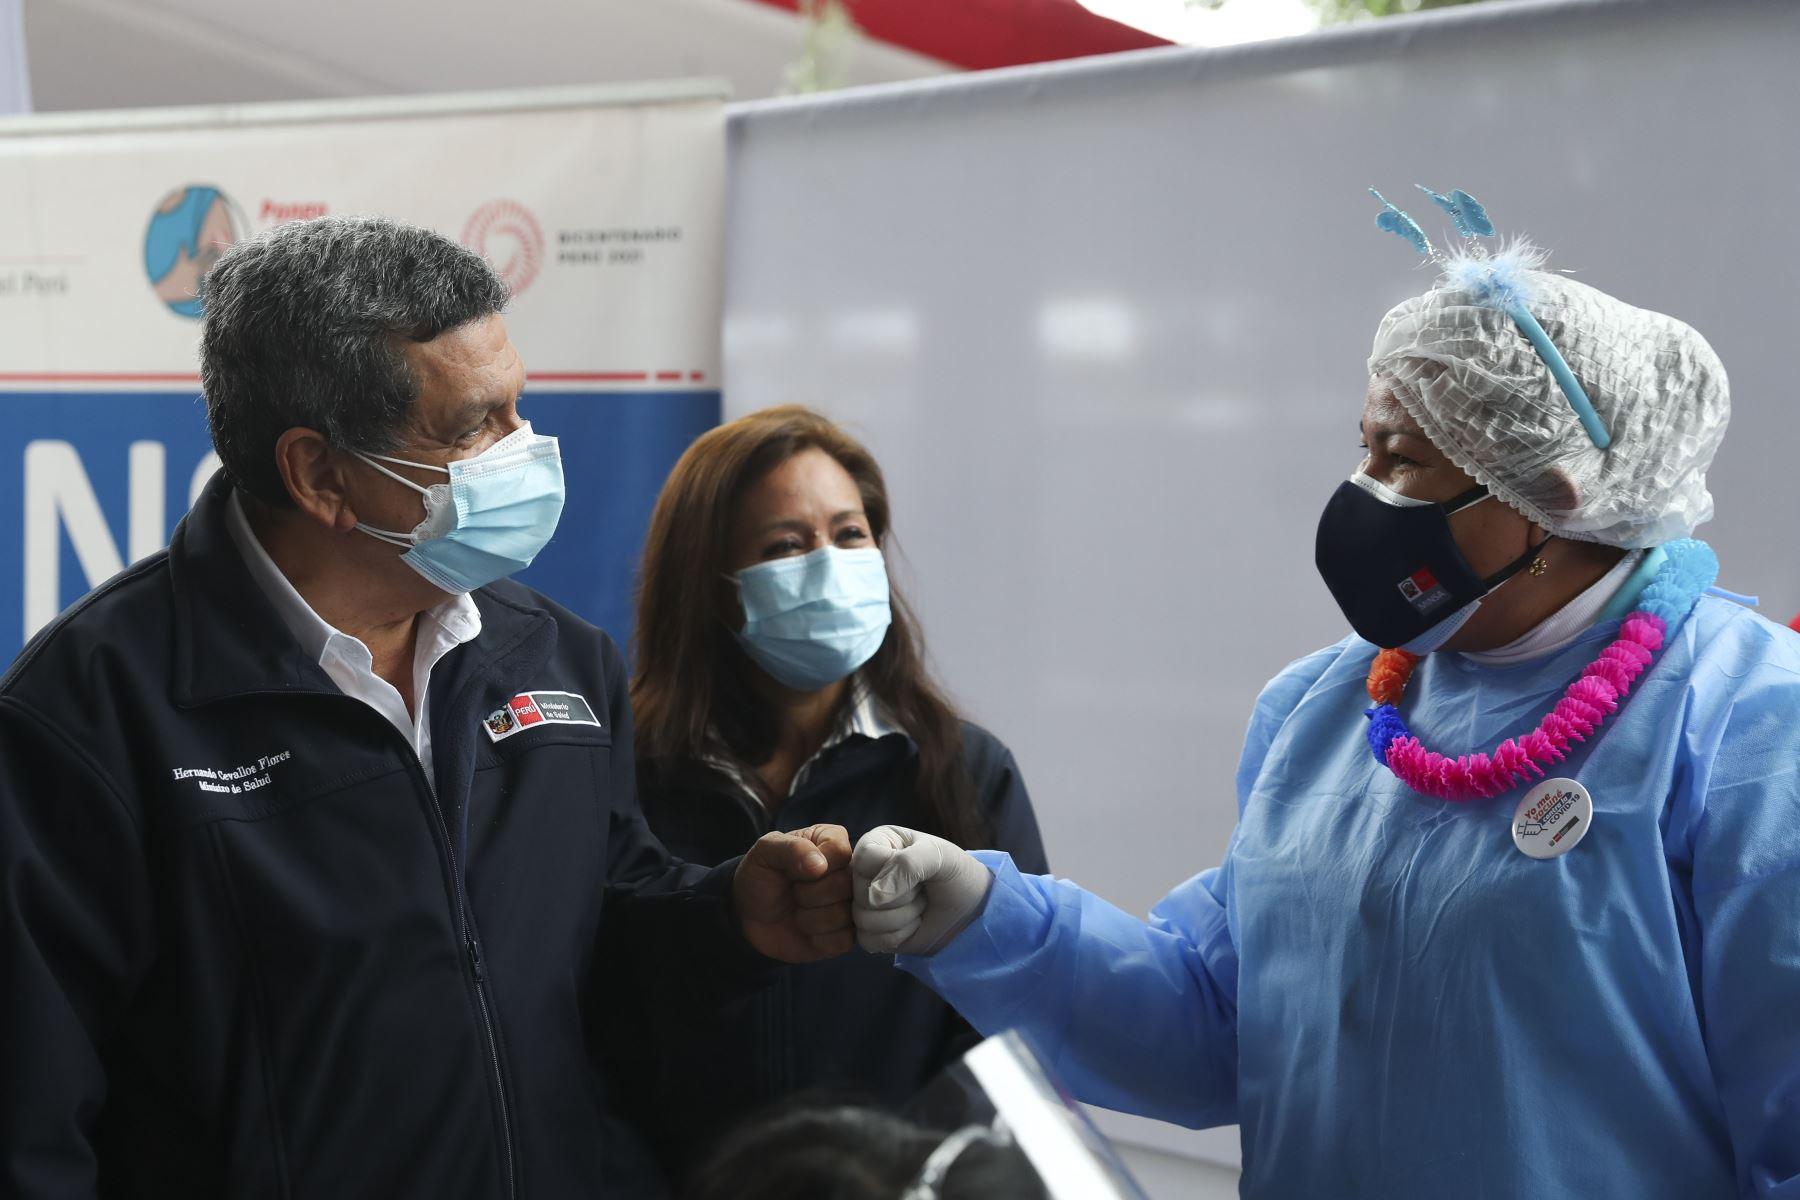 El ministro de Salud, Hernando Cevallos, supervisa el Vacunafest dirigido a gestantes en el Parque Zonal Mayta Capac, en San Martín de Porres. Foto: ANDINA/Carla Patiño